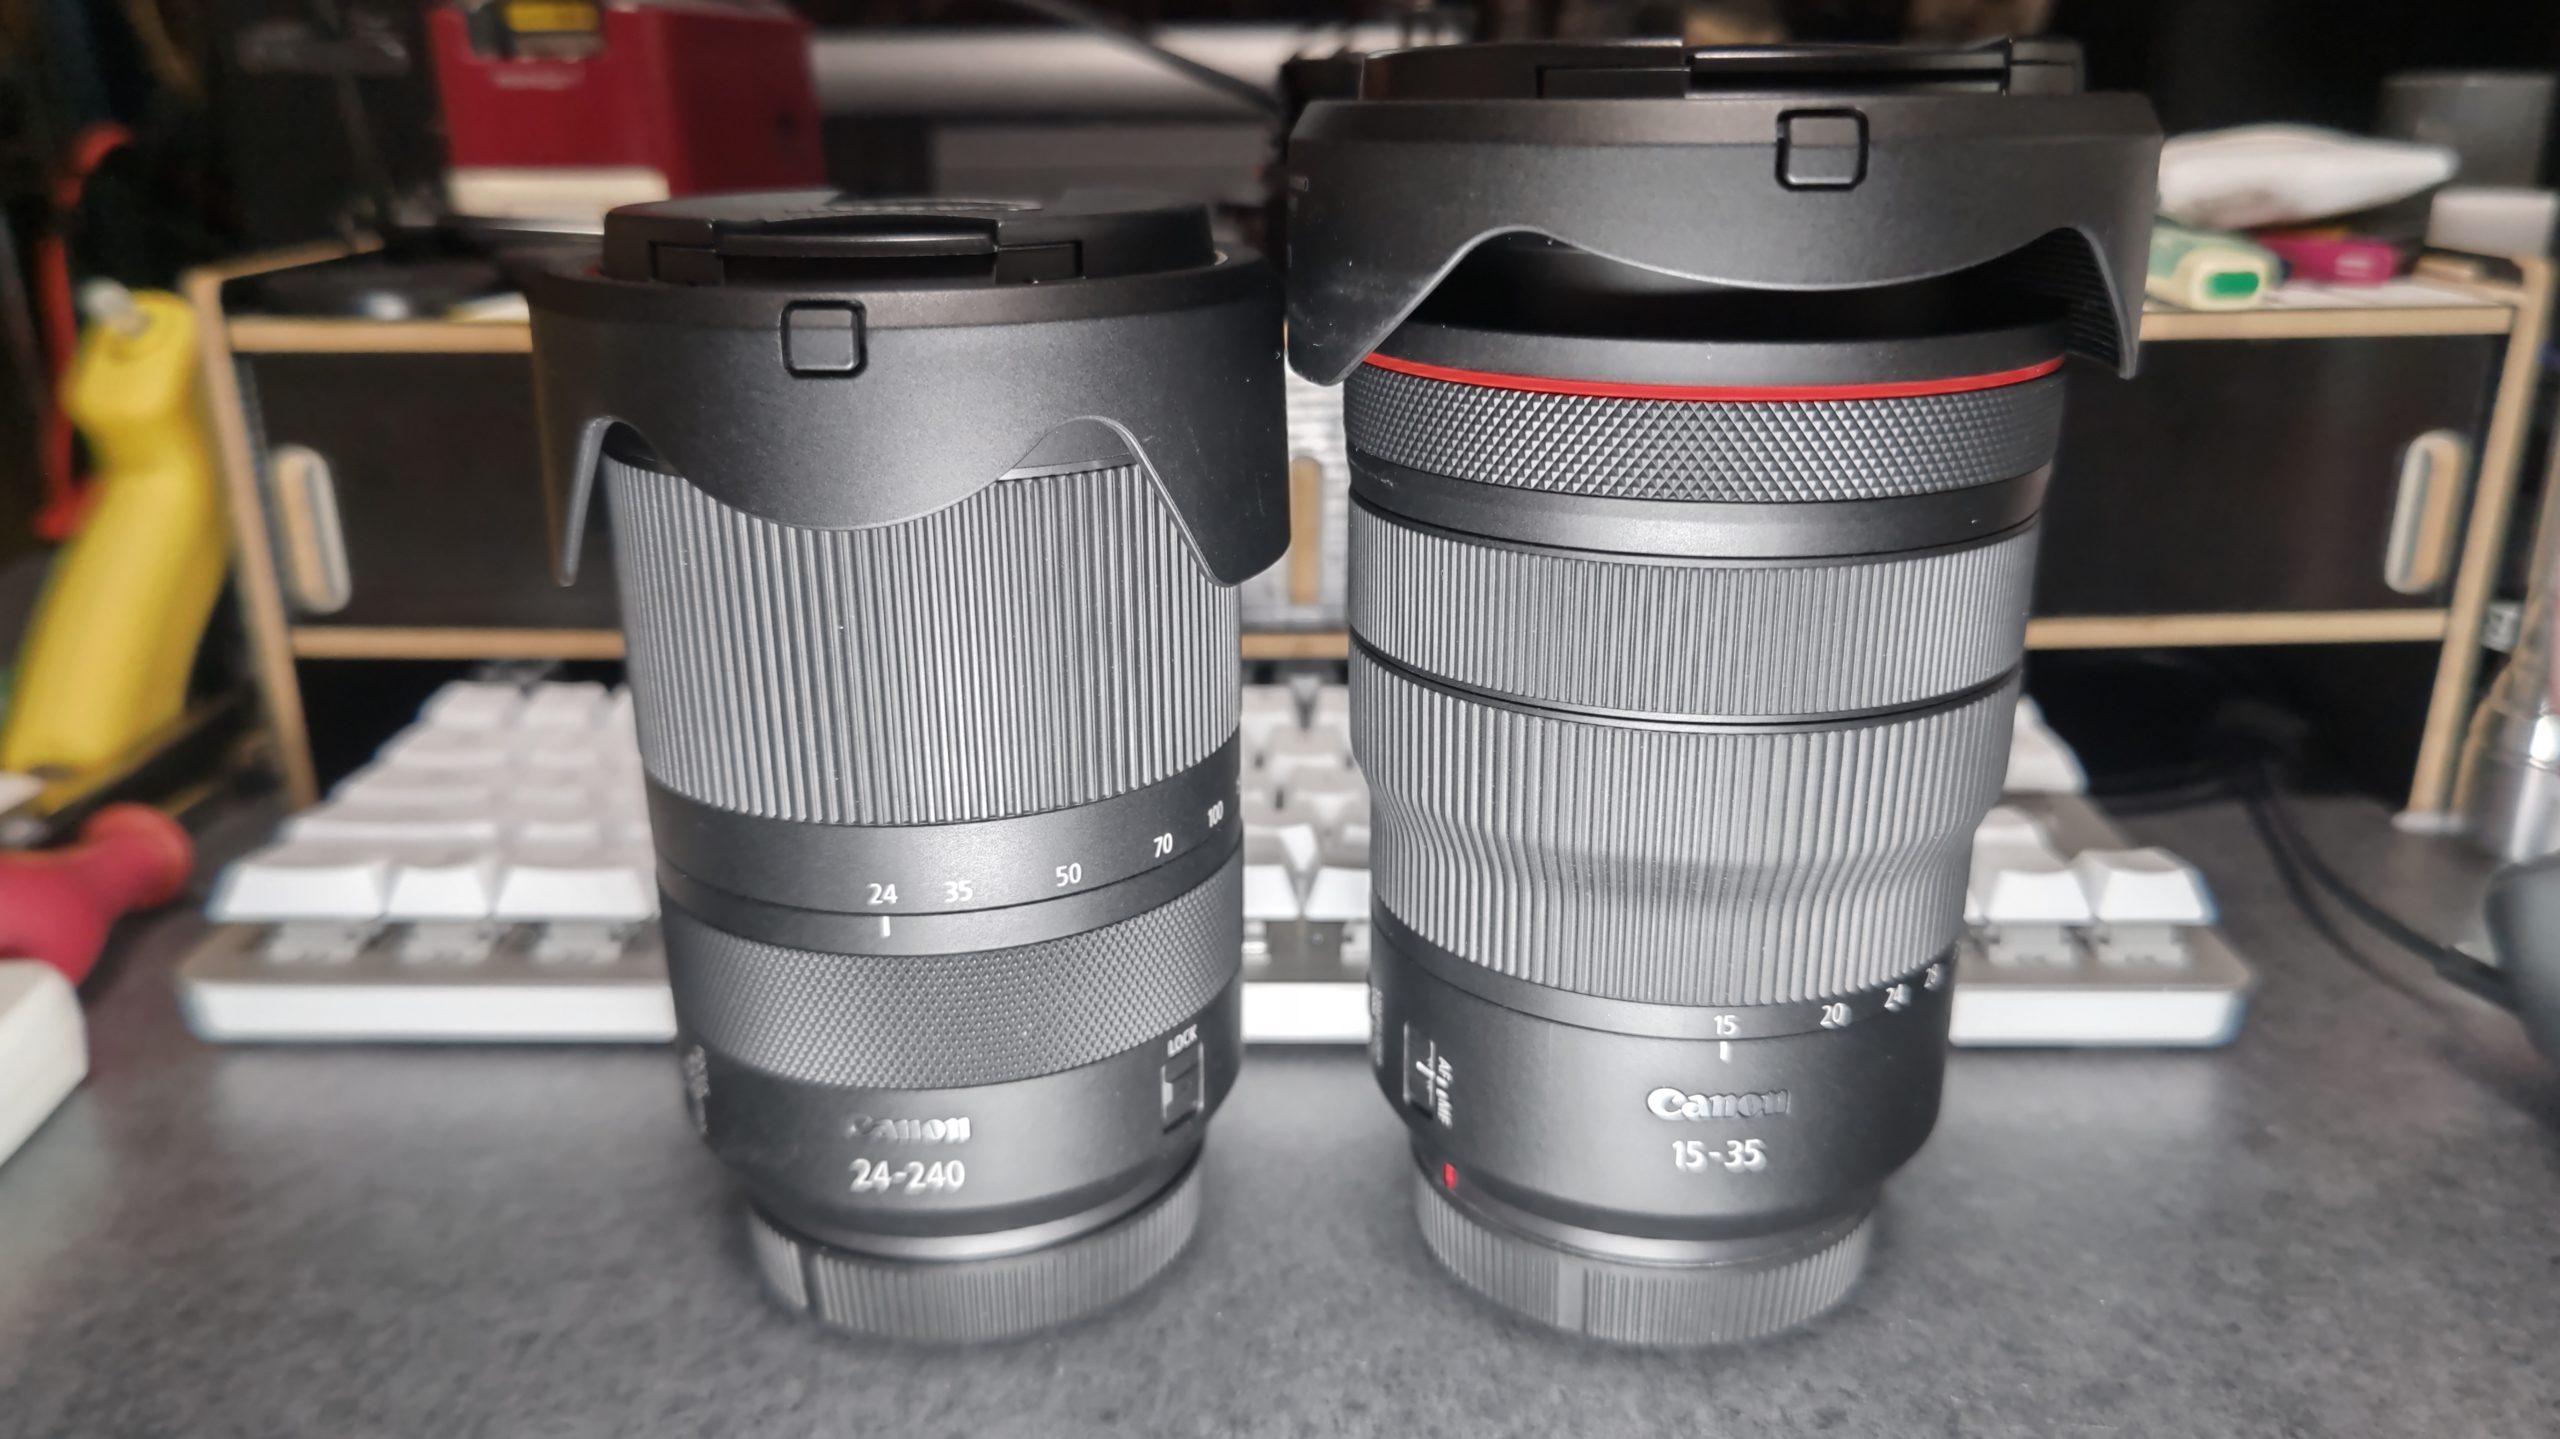 望遠ズームレンズと広角ズームレンズの伸び方比較、望遠レンズは広角端で収納、広角レンズは広角端で伸びる。RF24-240mm(望遠ズームレンズとRF15-35mm(広角ズームレンズ)